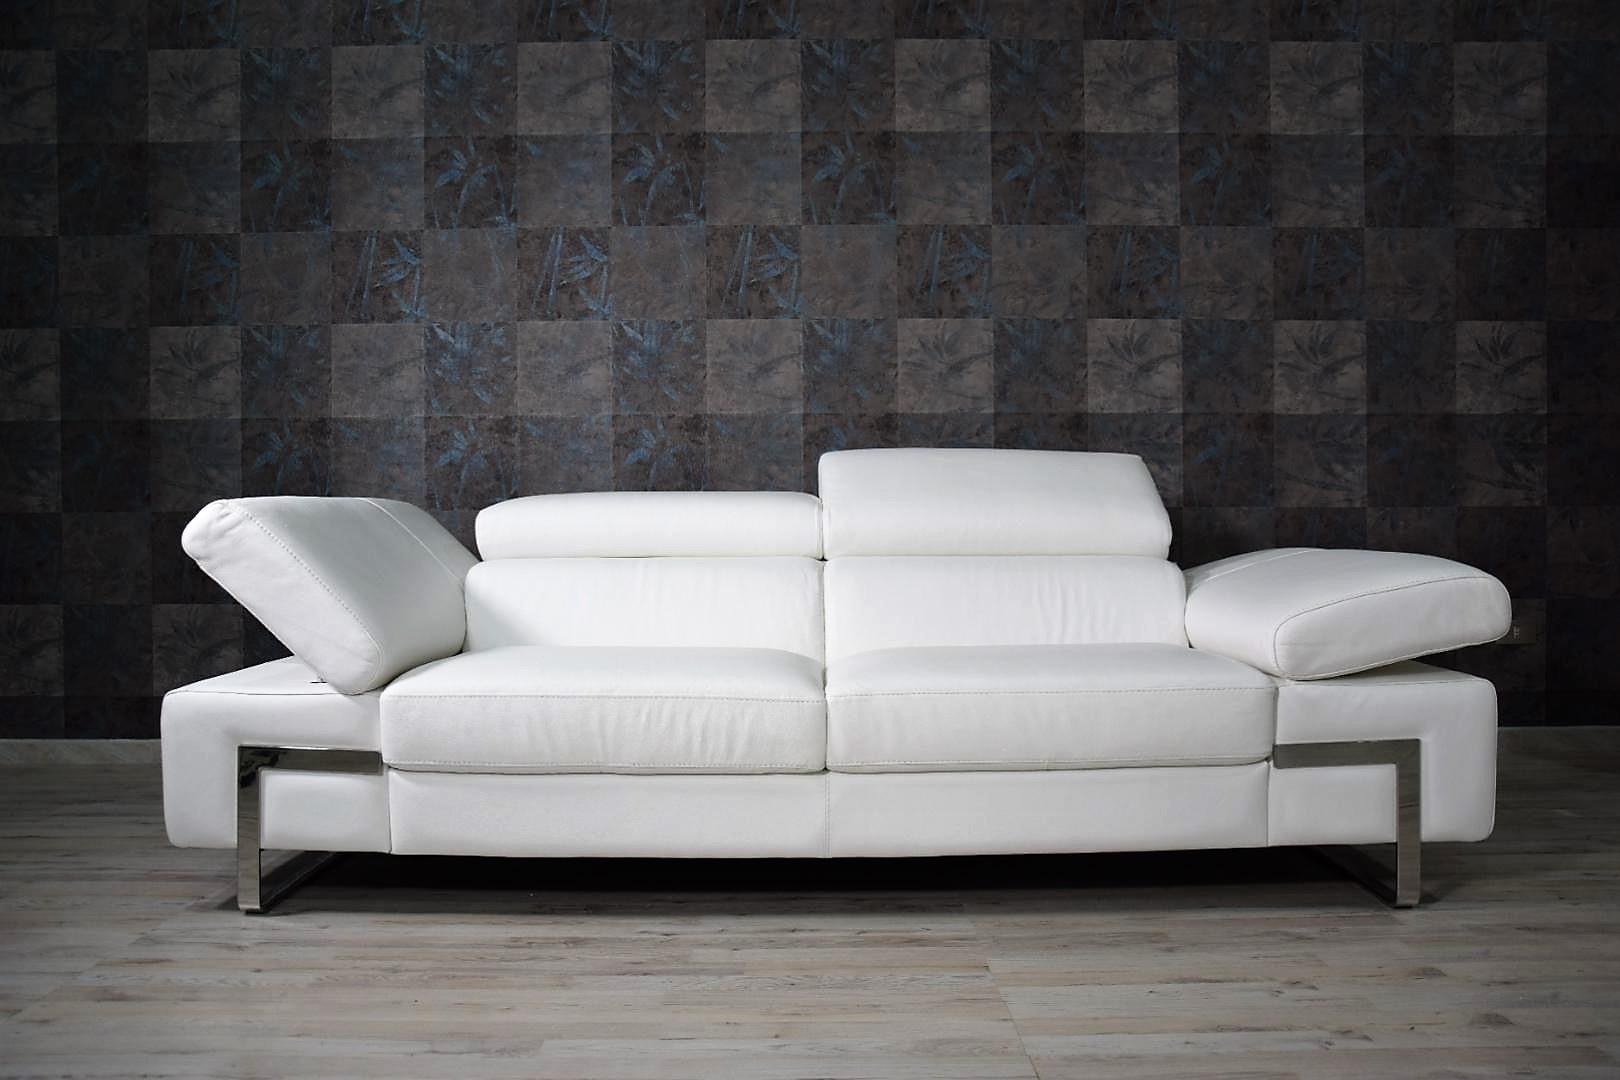 Divano In Pelle Design.Offerta Divano 3 Posti Maggiorati Bianco Con Poggiatesta Recliner